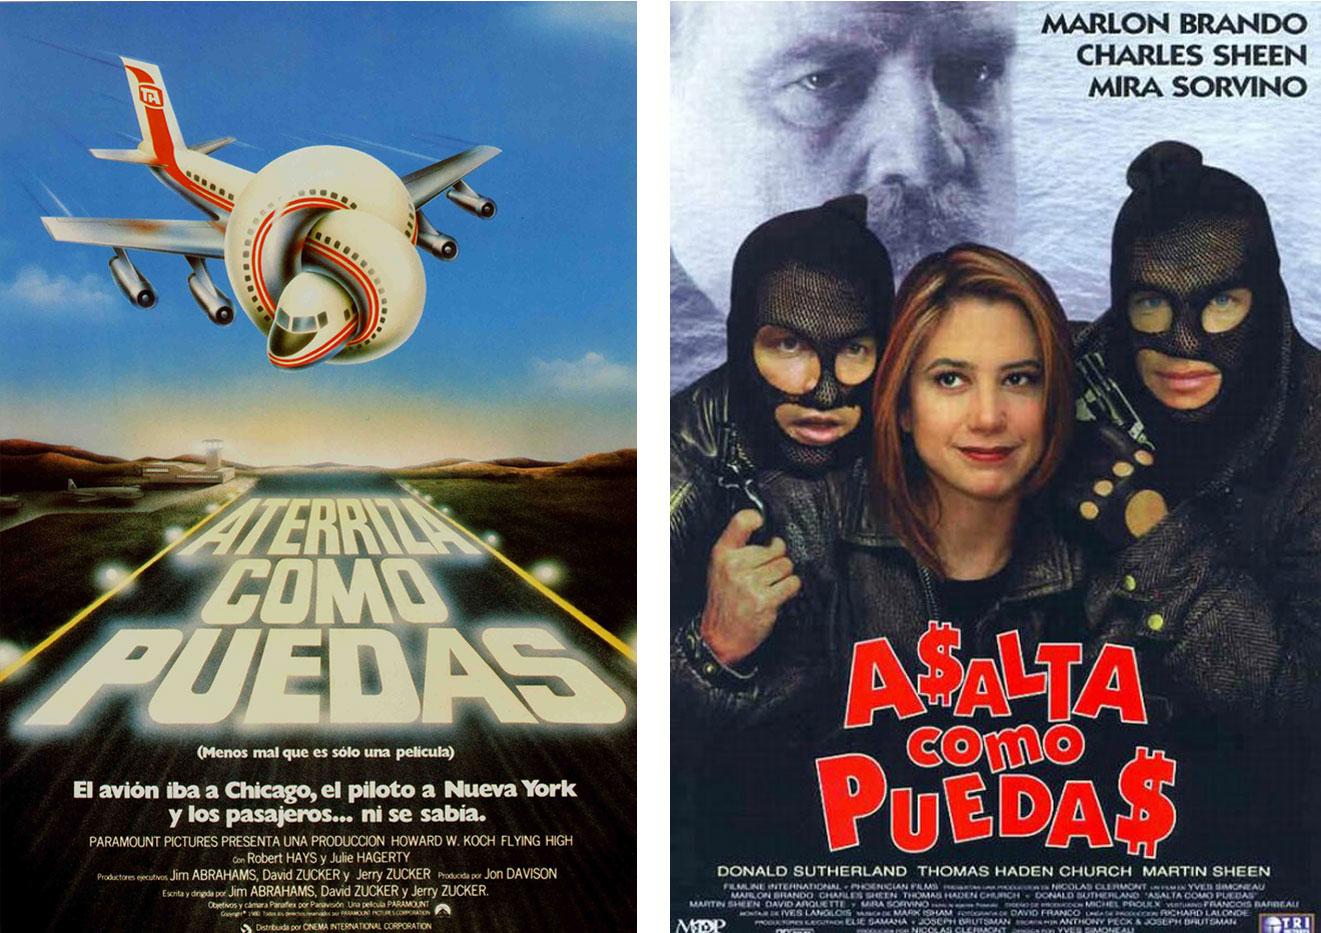 Tras el éxito de 'Aterriza como puedas', se imitó el título en español en otras películas protagonizadas por Leslie Nielsen, aunque no contasen con los mismos directores... e incluso acabó recurriéndose a él en una penosa comedia de Marlon Brando. | Imágenes: Paramount y Tri Pictures.